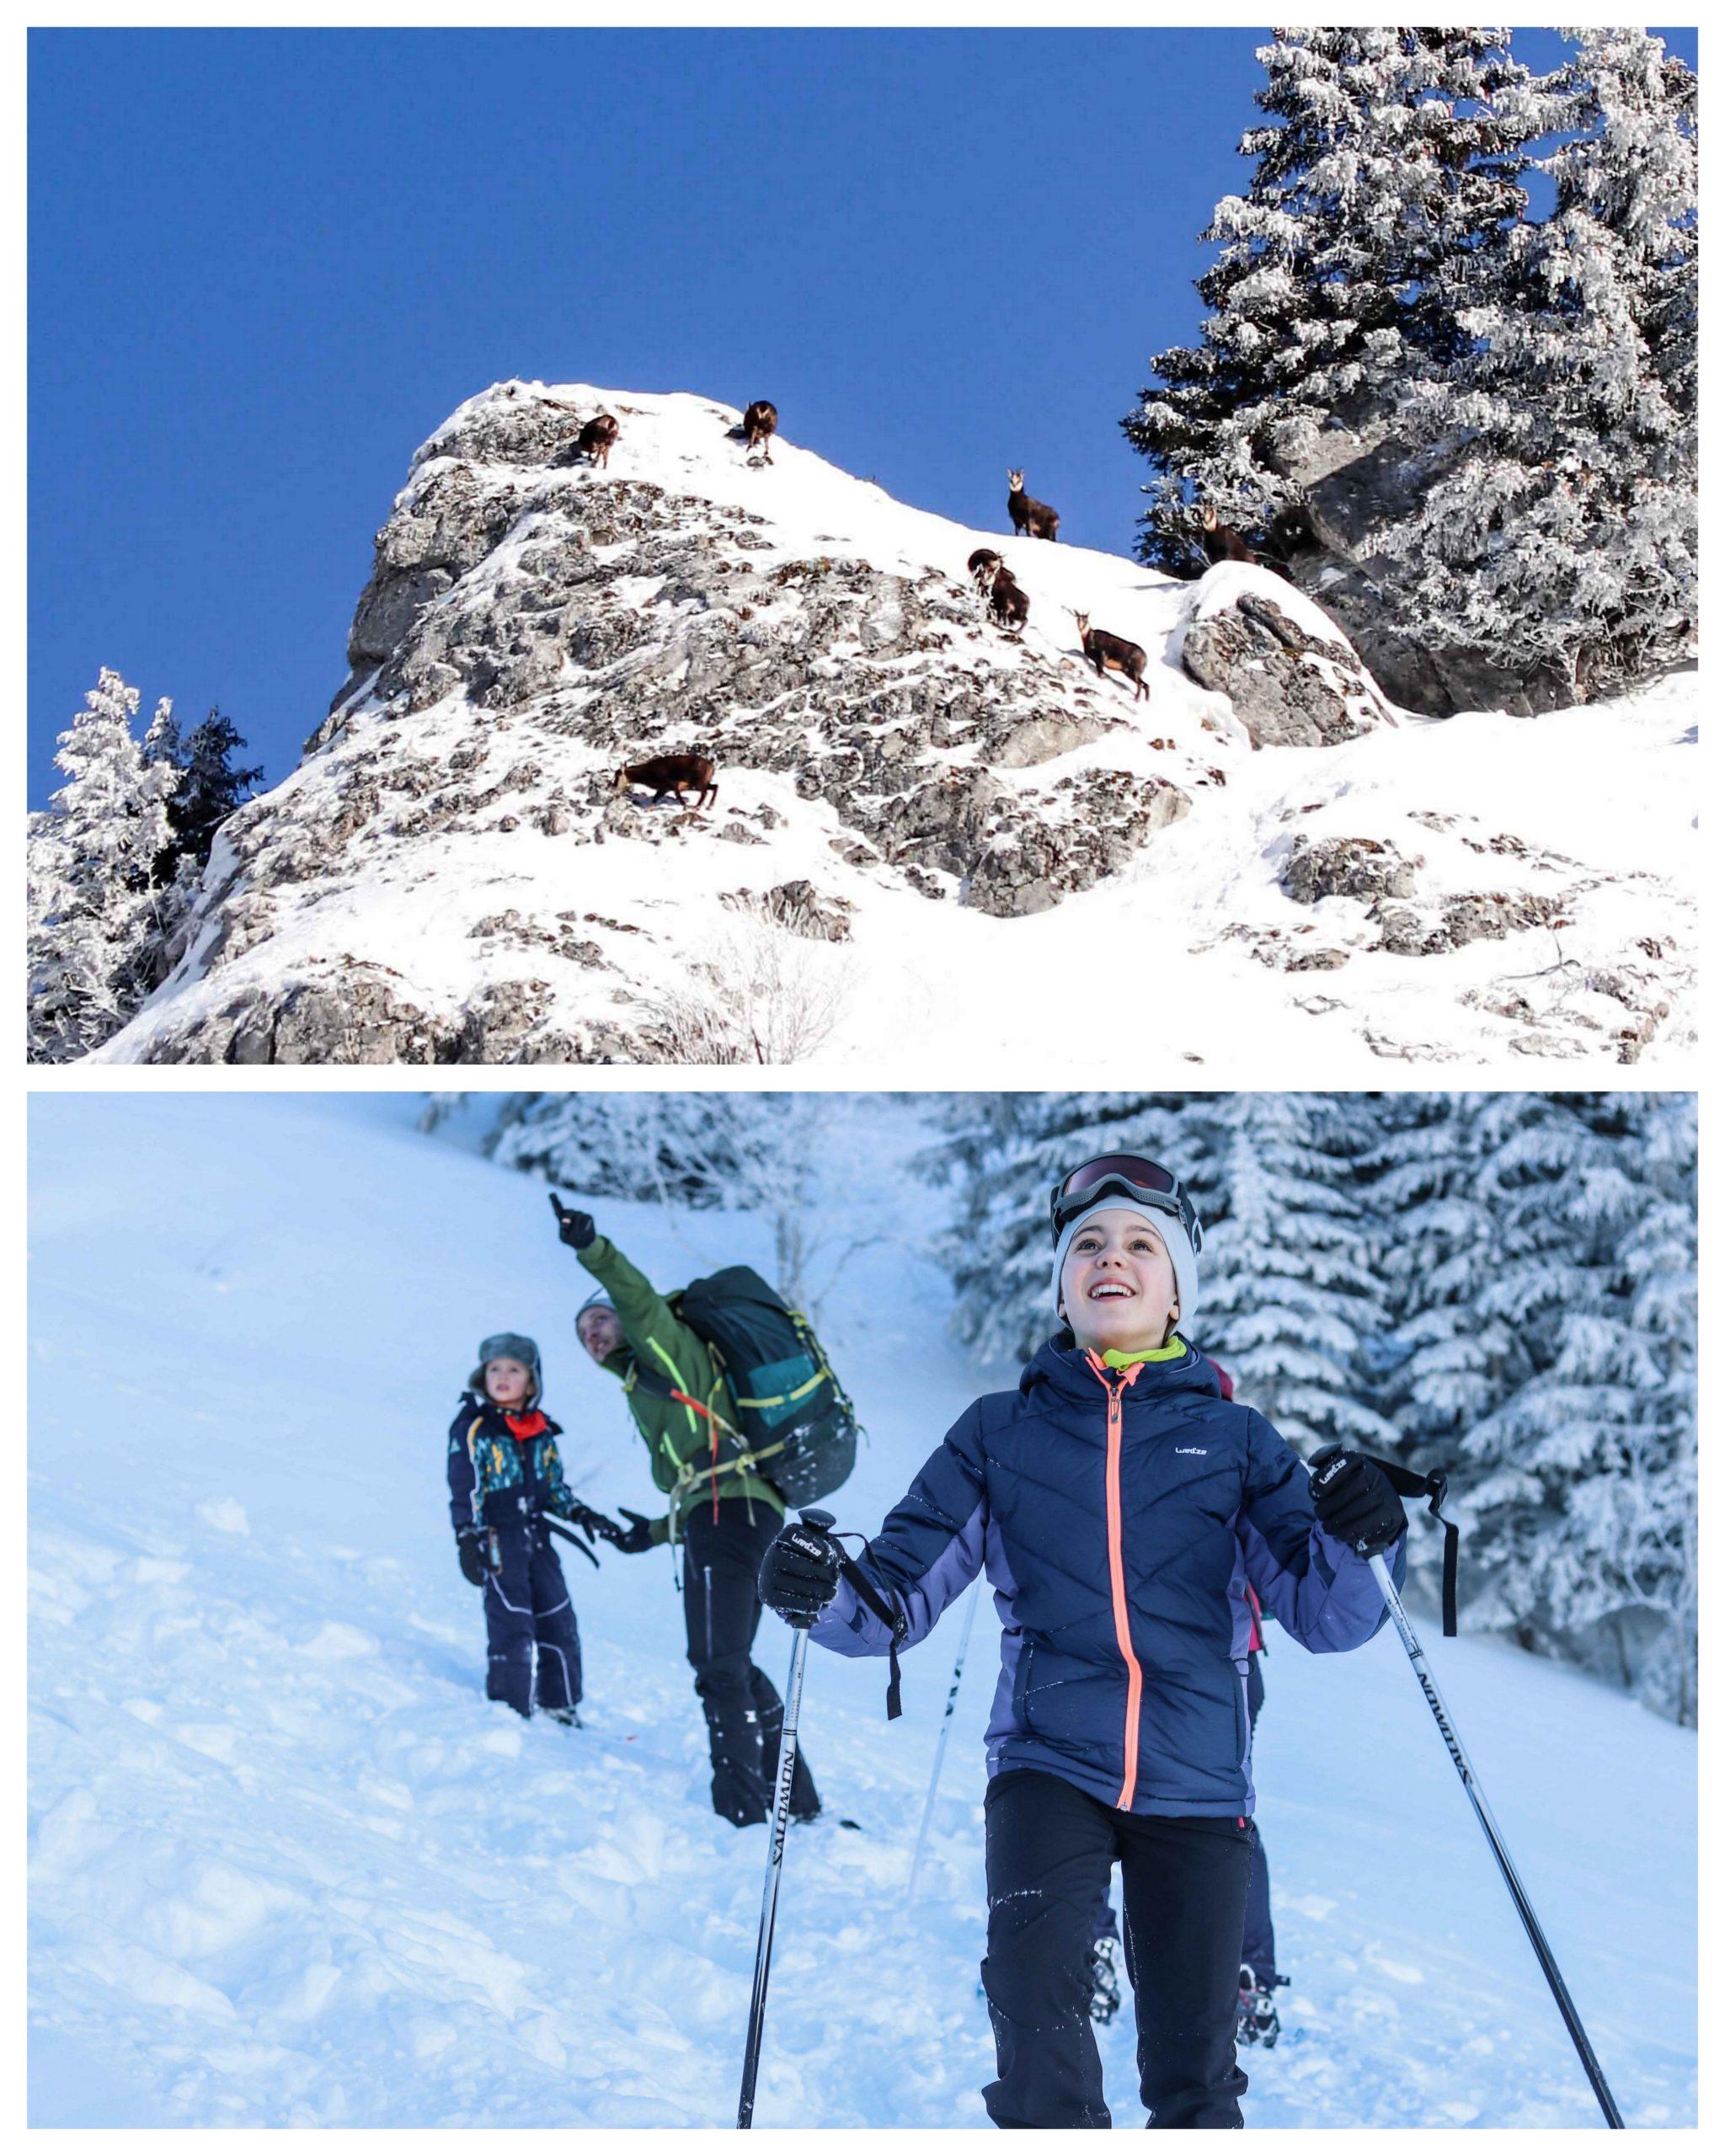 Séjour à Praz de lys - Sommand en famille - Haute Savoie - Ambiance Montagne